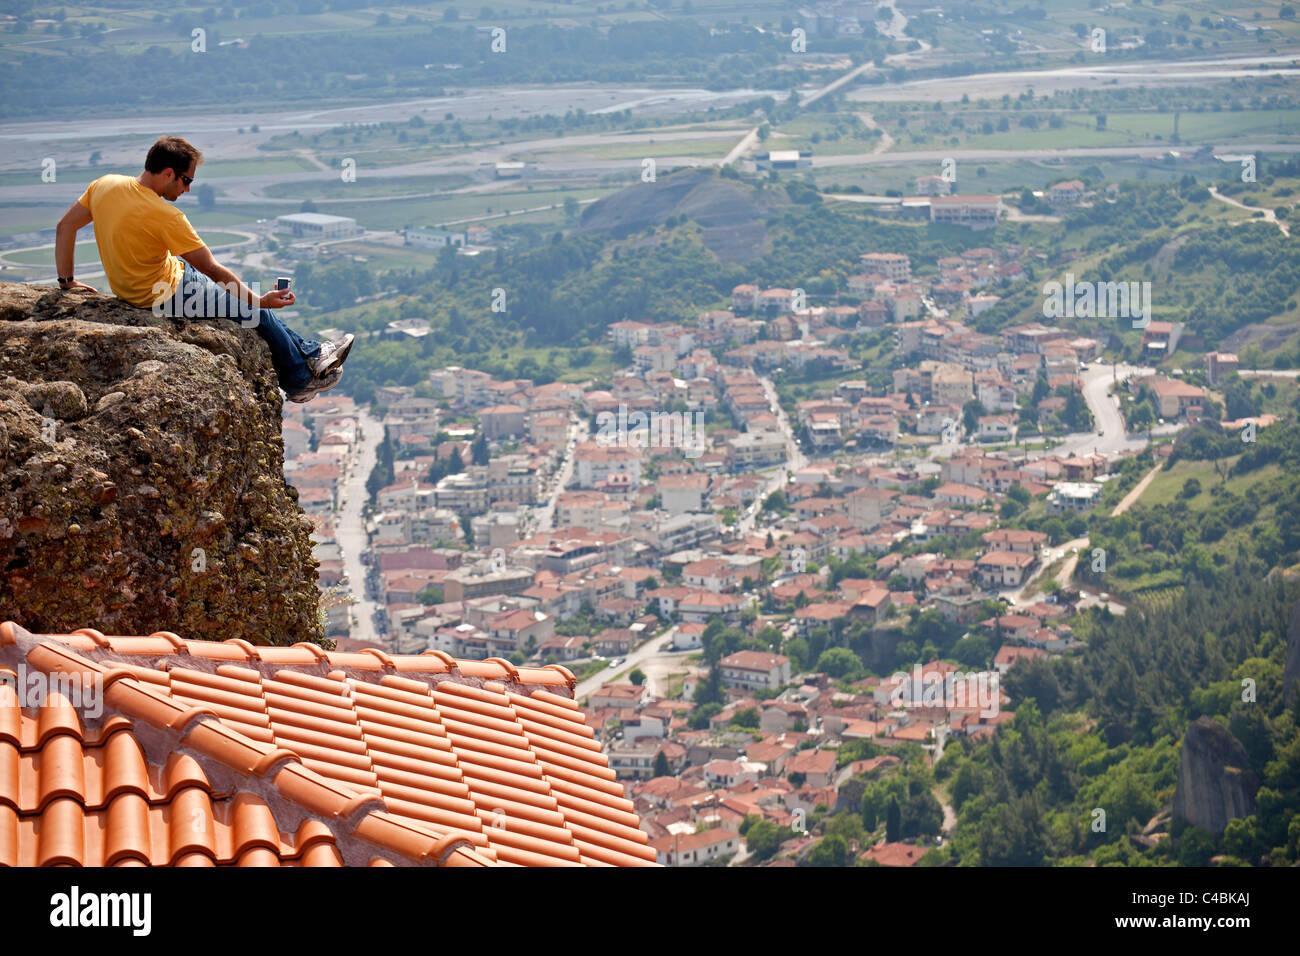 Man above the monastery Agia Triada taking pictures of the town Kalambaka. Meteora, Greece - Stock Image